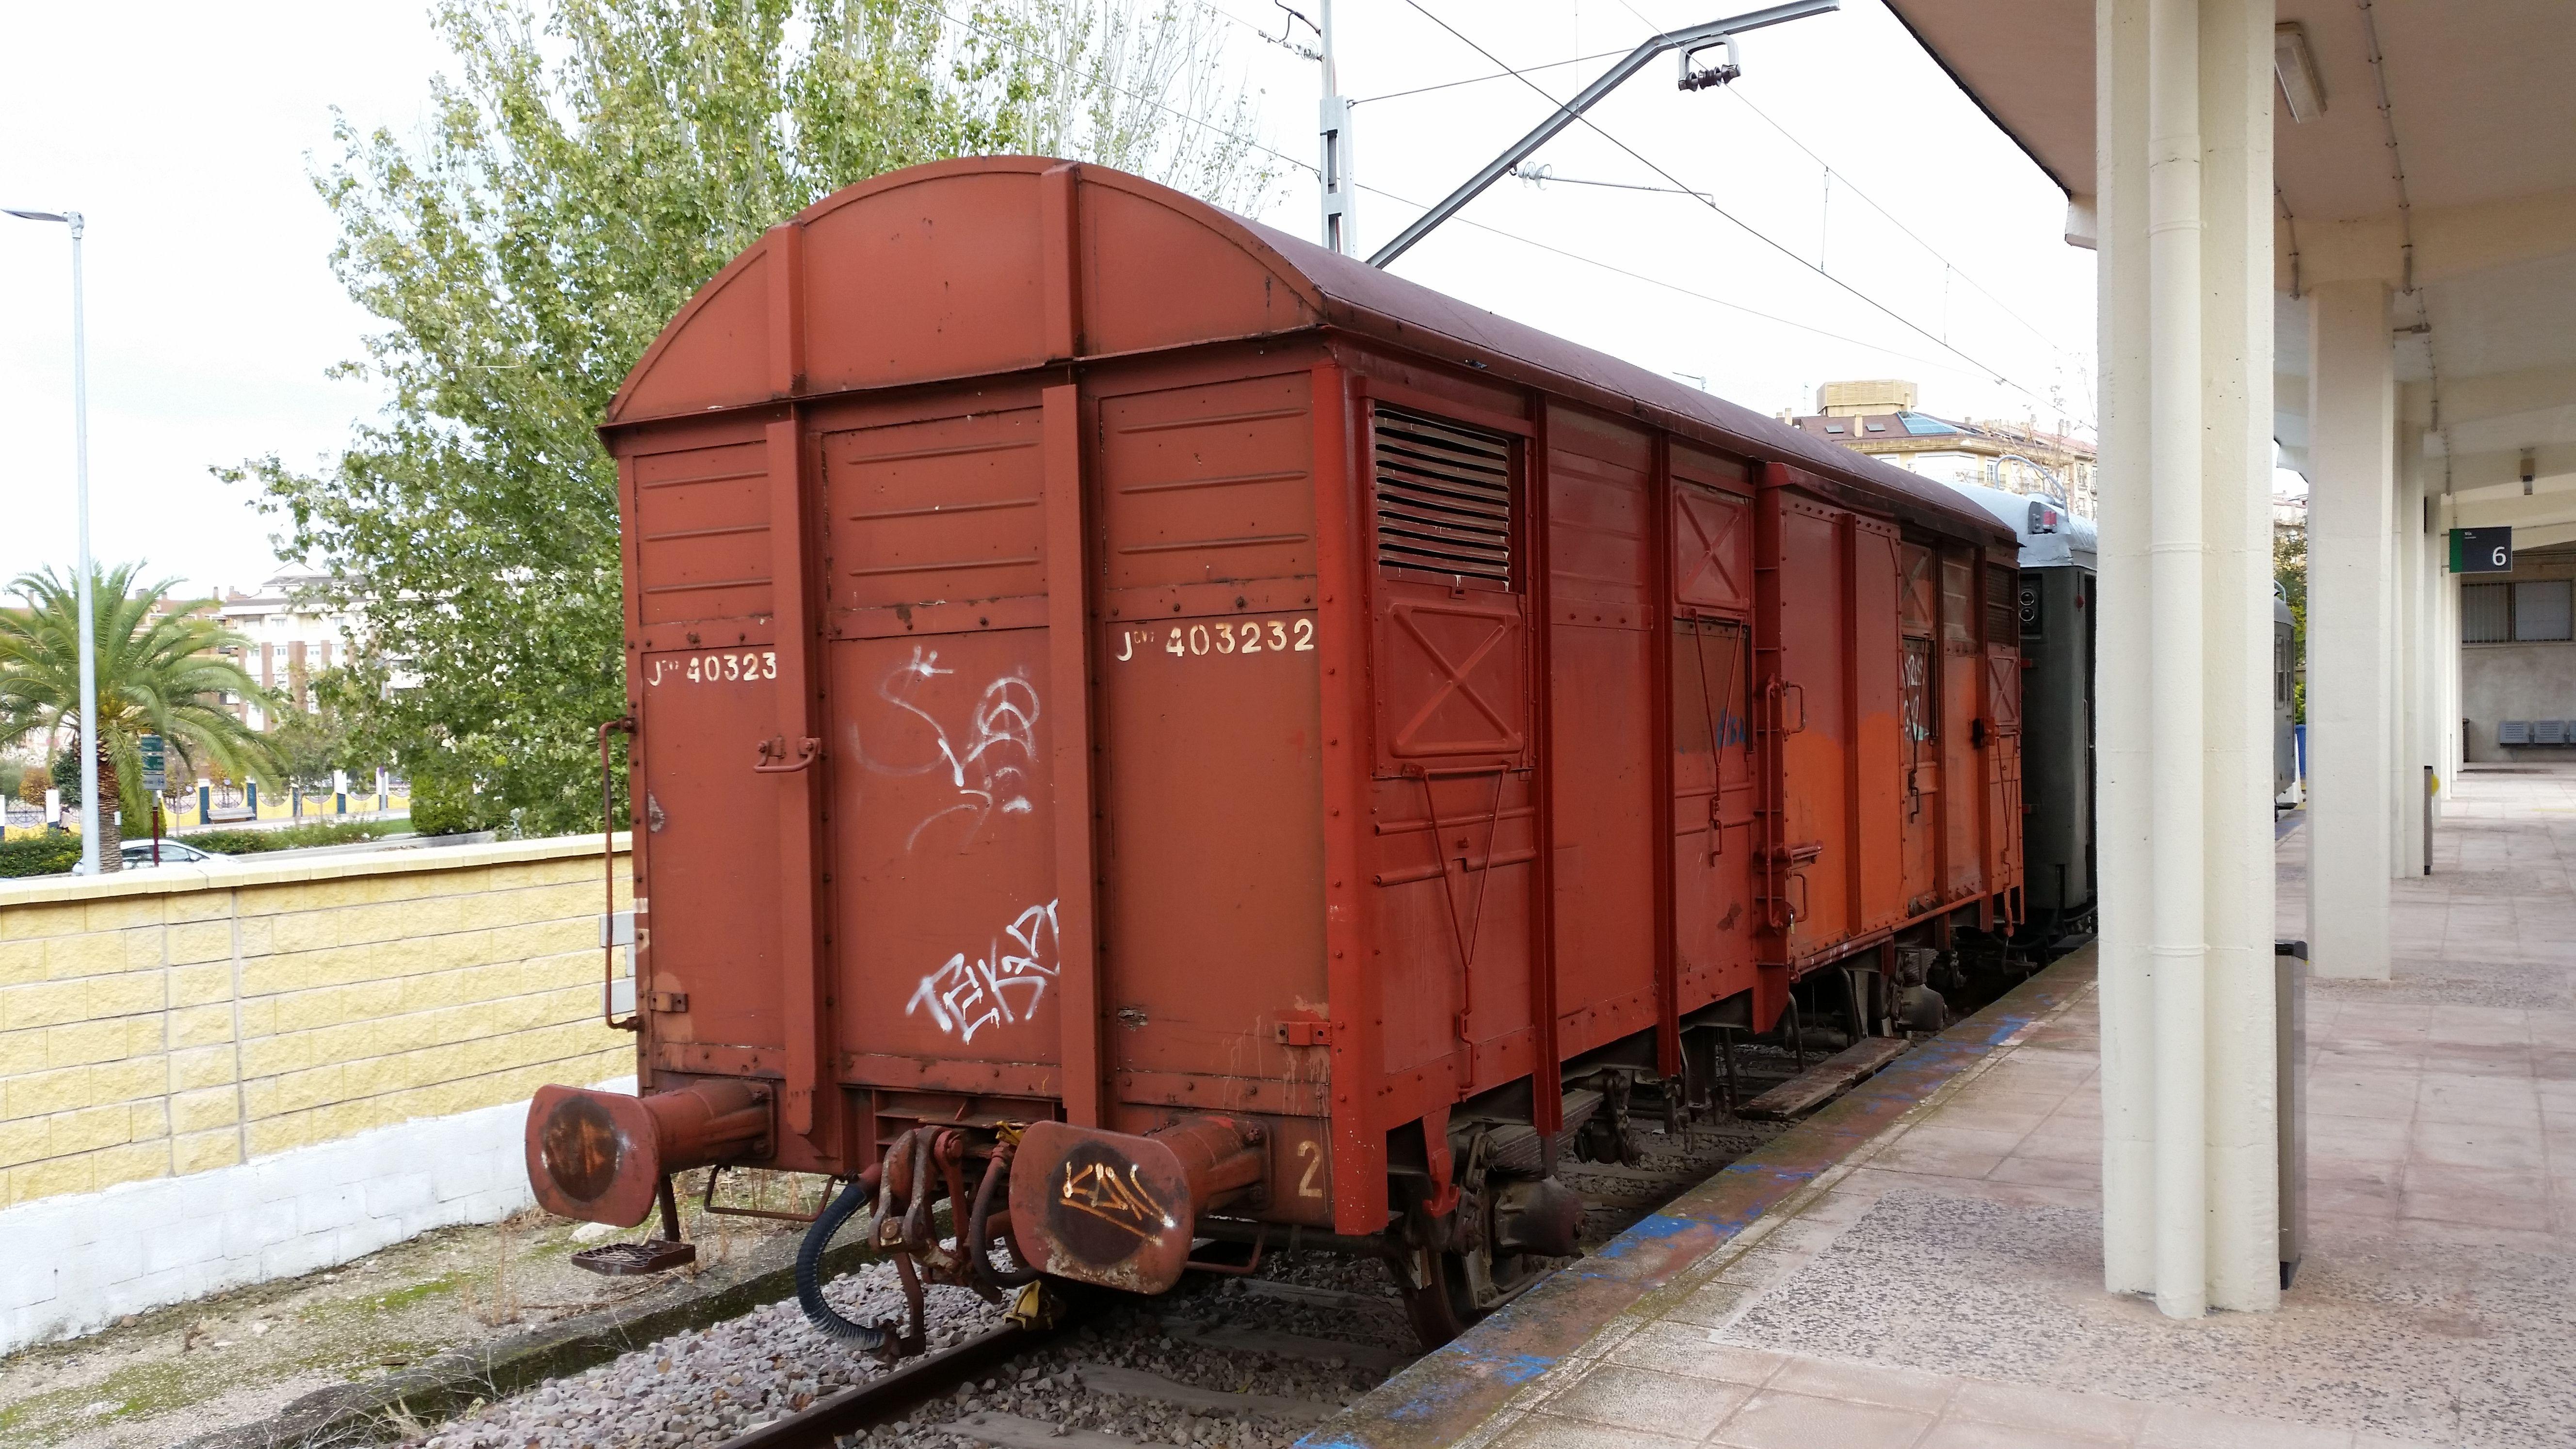 vagón de mercancias estacionado en uno de los andenes auxiliares de la estación de ferrocarril de Jaén